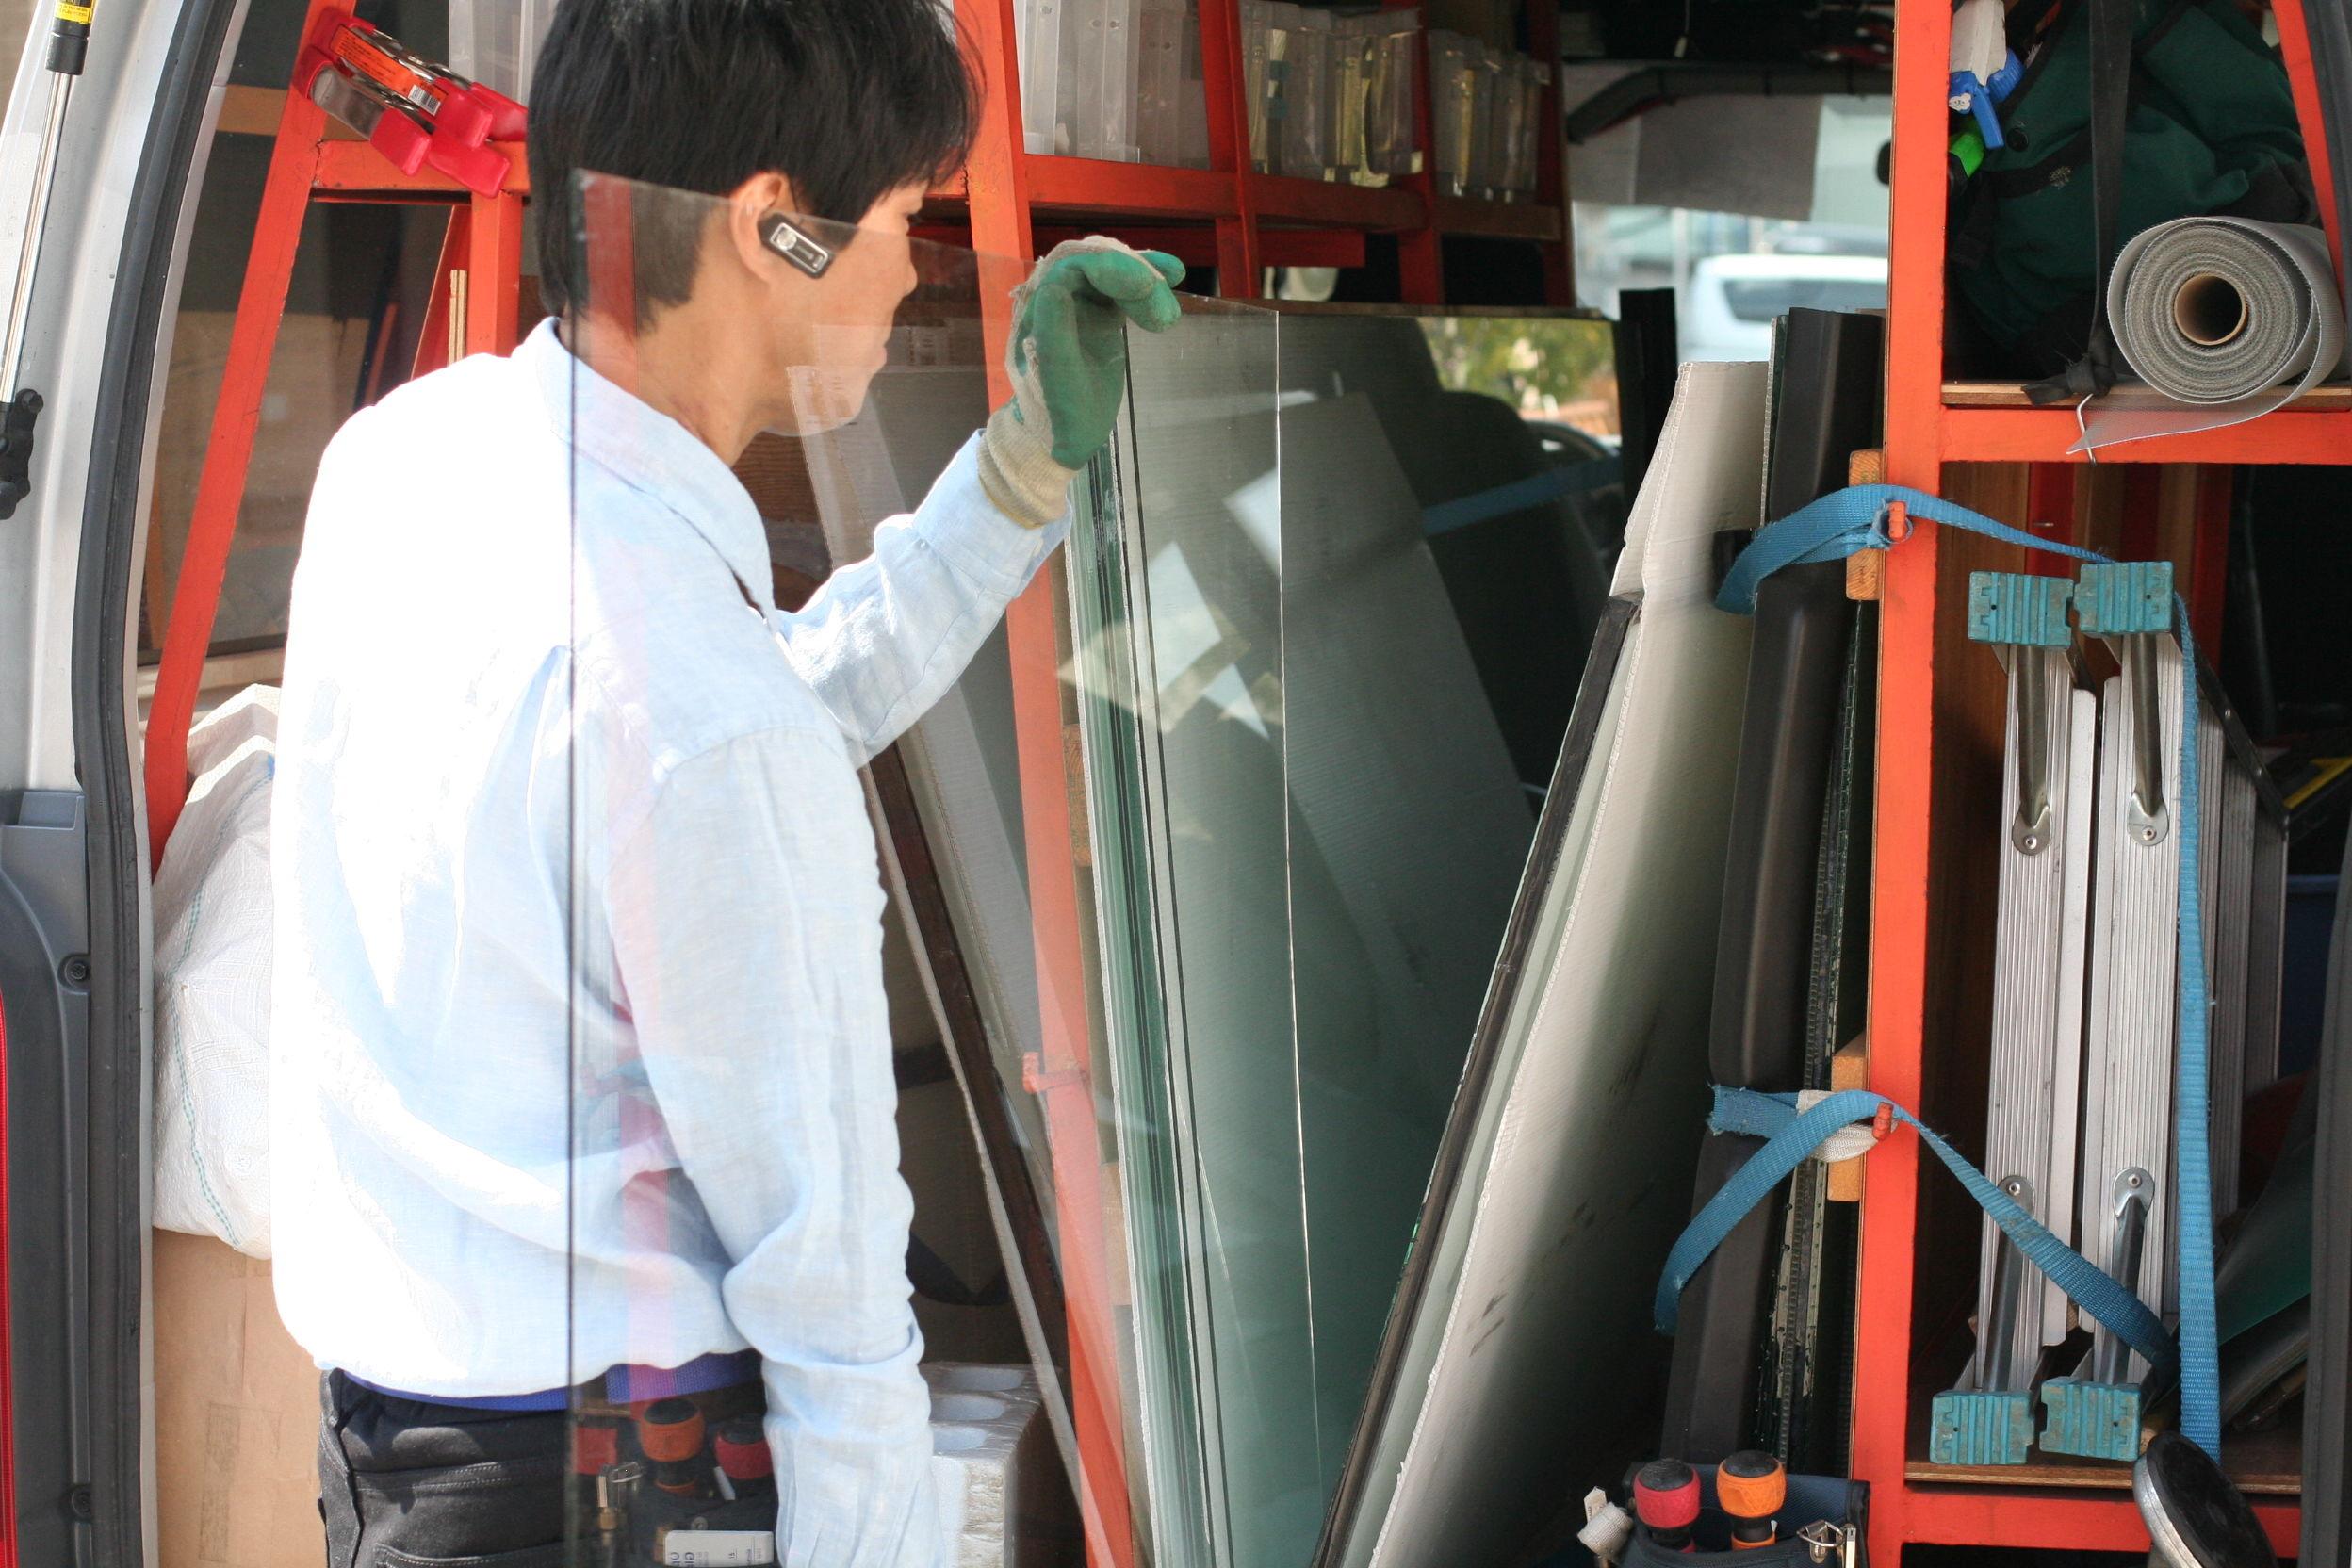 ガラスのトラブル救Q隊.24【品川区 出張エリア】の店内・外観画像2